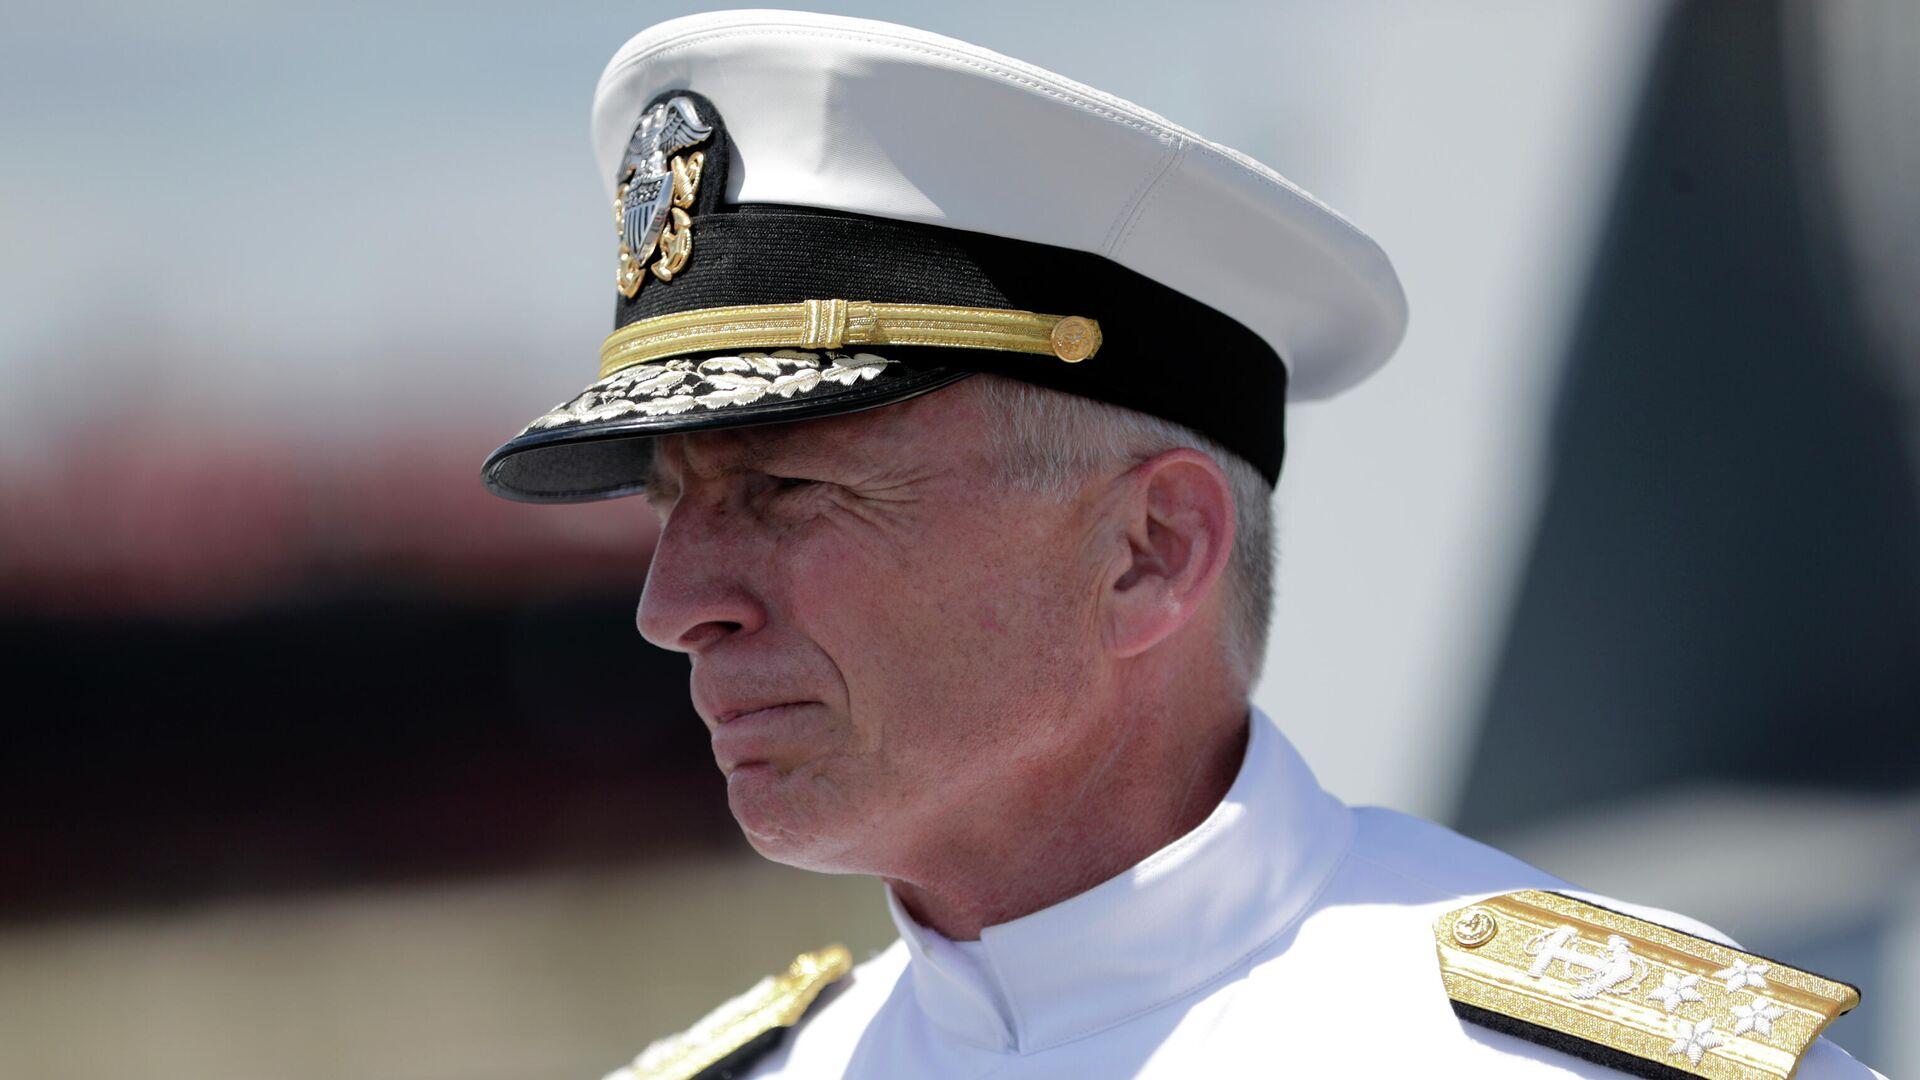 El almirante estadounidense Craig Faller, jefe del Comando Sur de las Fuerzas Armadas de EEUU - Sputnik Mundo, 1920, 23.09.2021